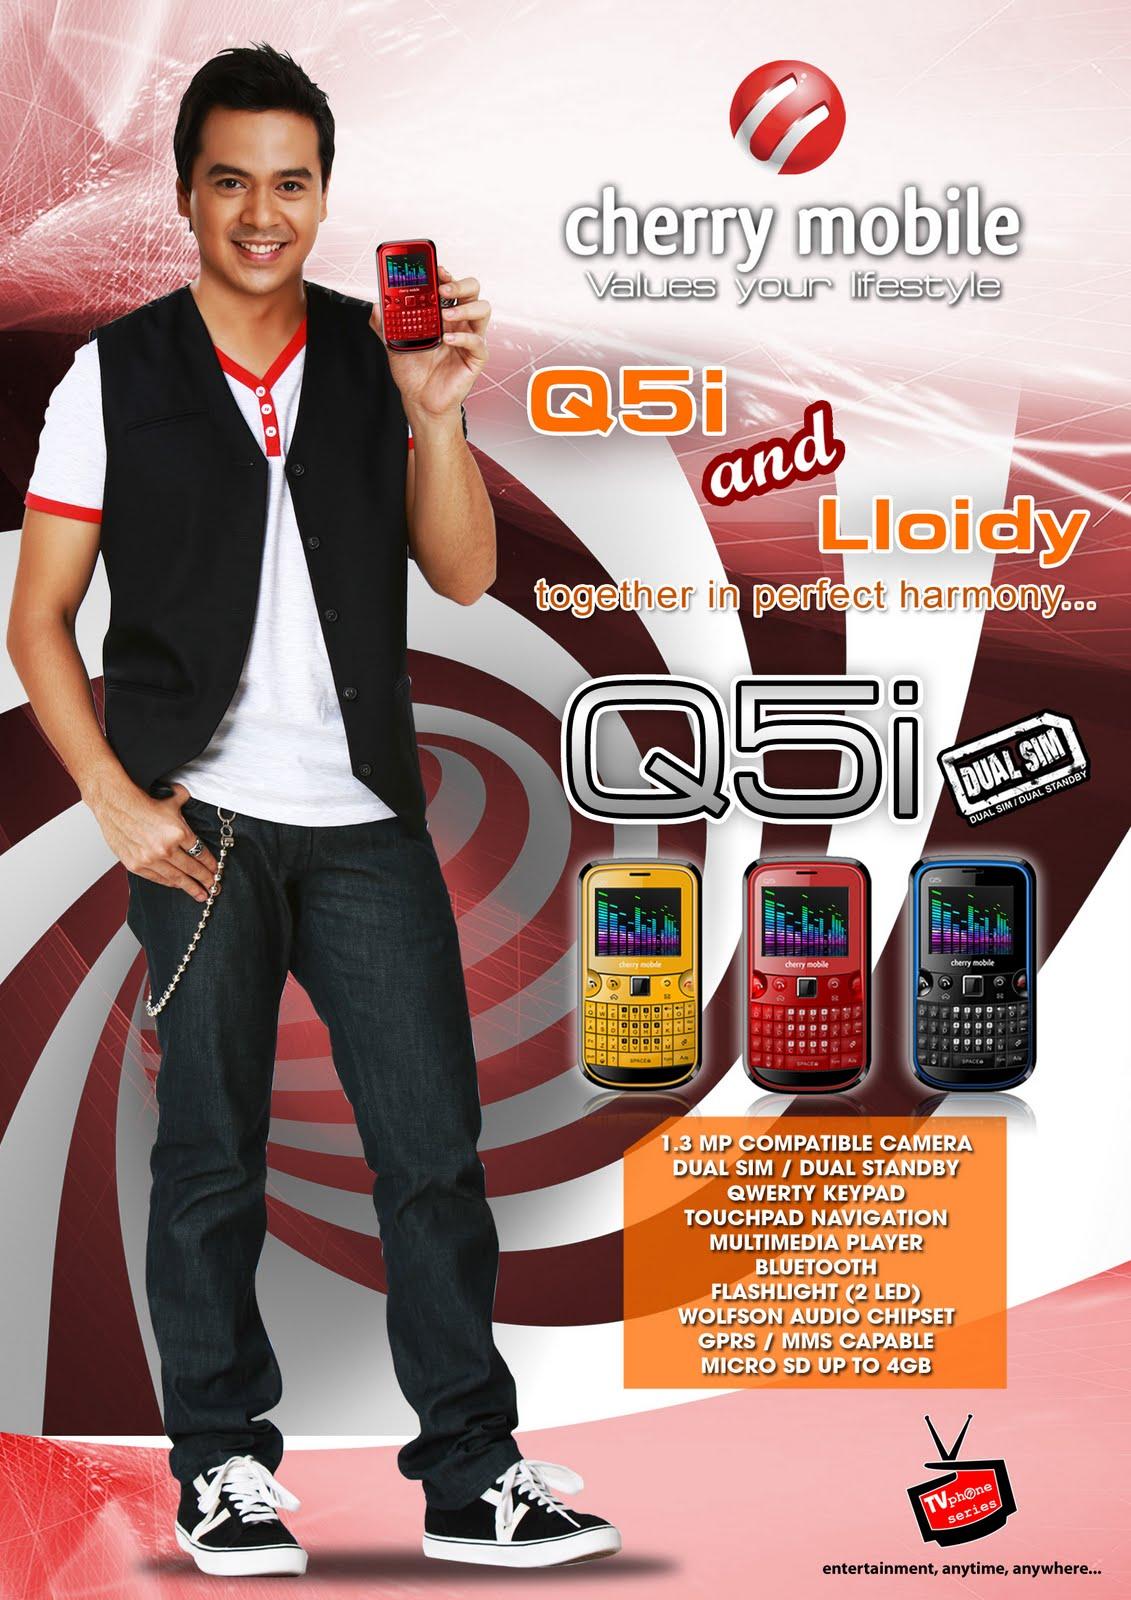 http://4.bp.blogspot.com/_aJKI_KX0Qk4/TEOwquBAOgI/AAAAAAAAAHo/aN5PwQODKME/s1600/Q5i+copy.jpg